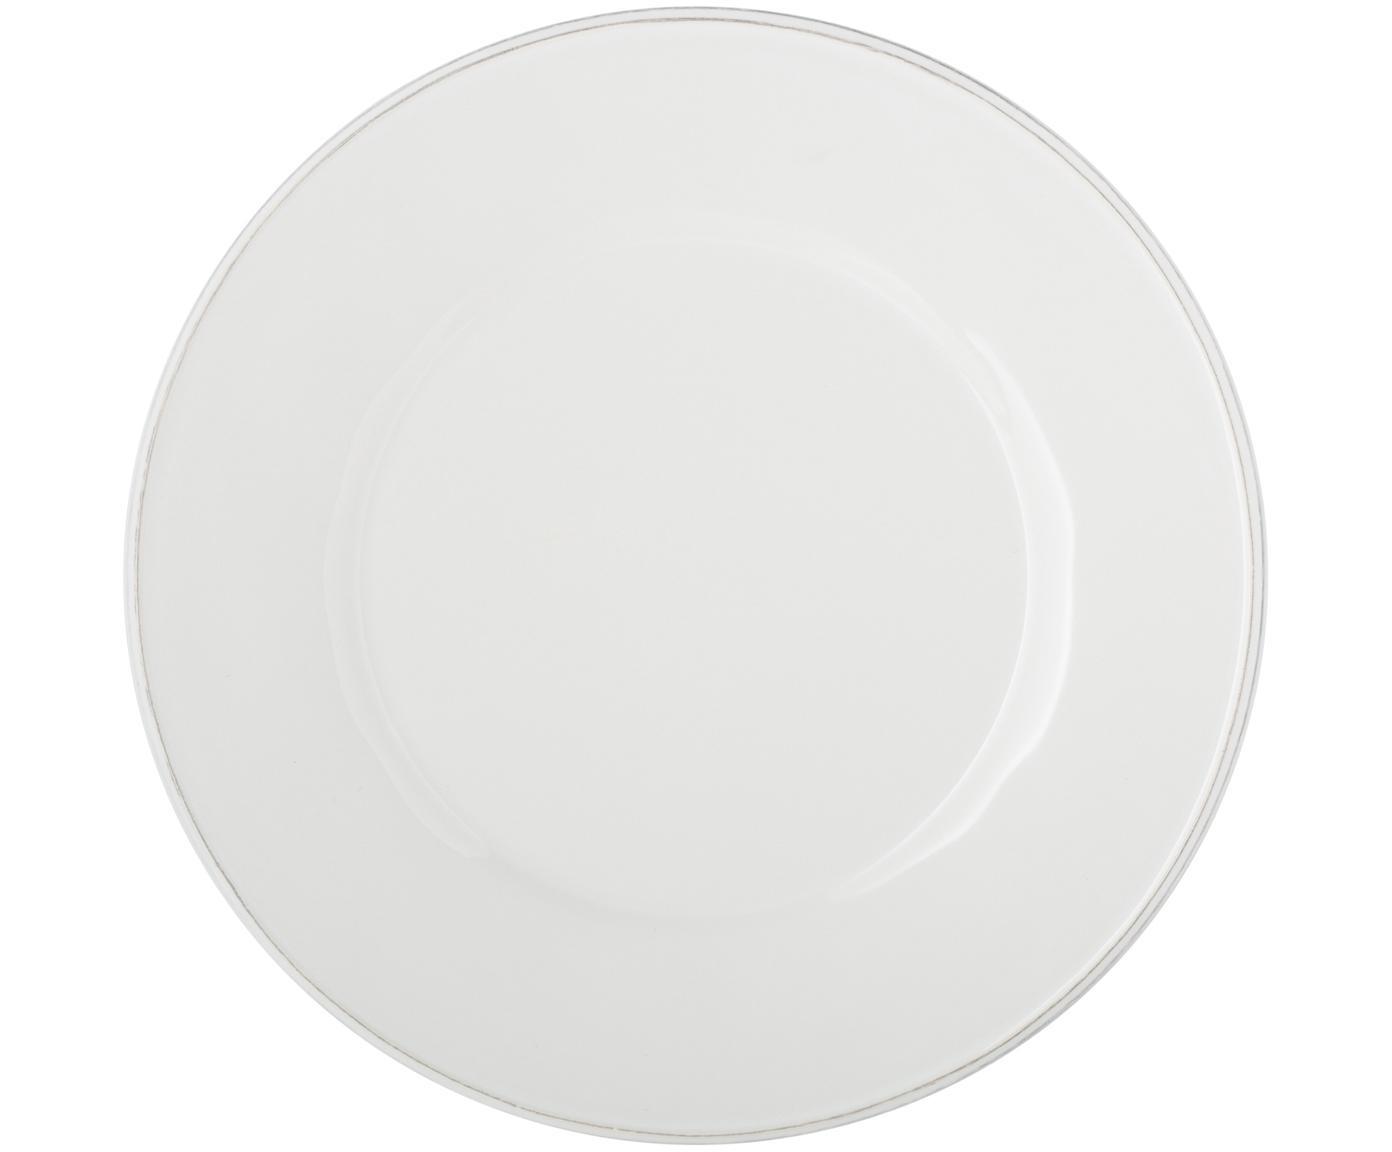 Talerz duży Constance, 2 szt., Ceramika, Biały, Ø 29 cm